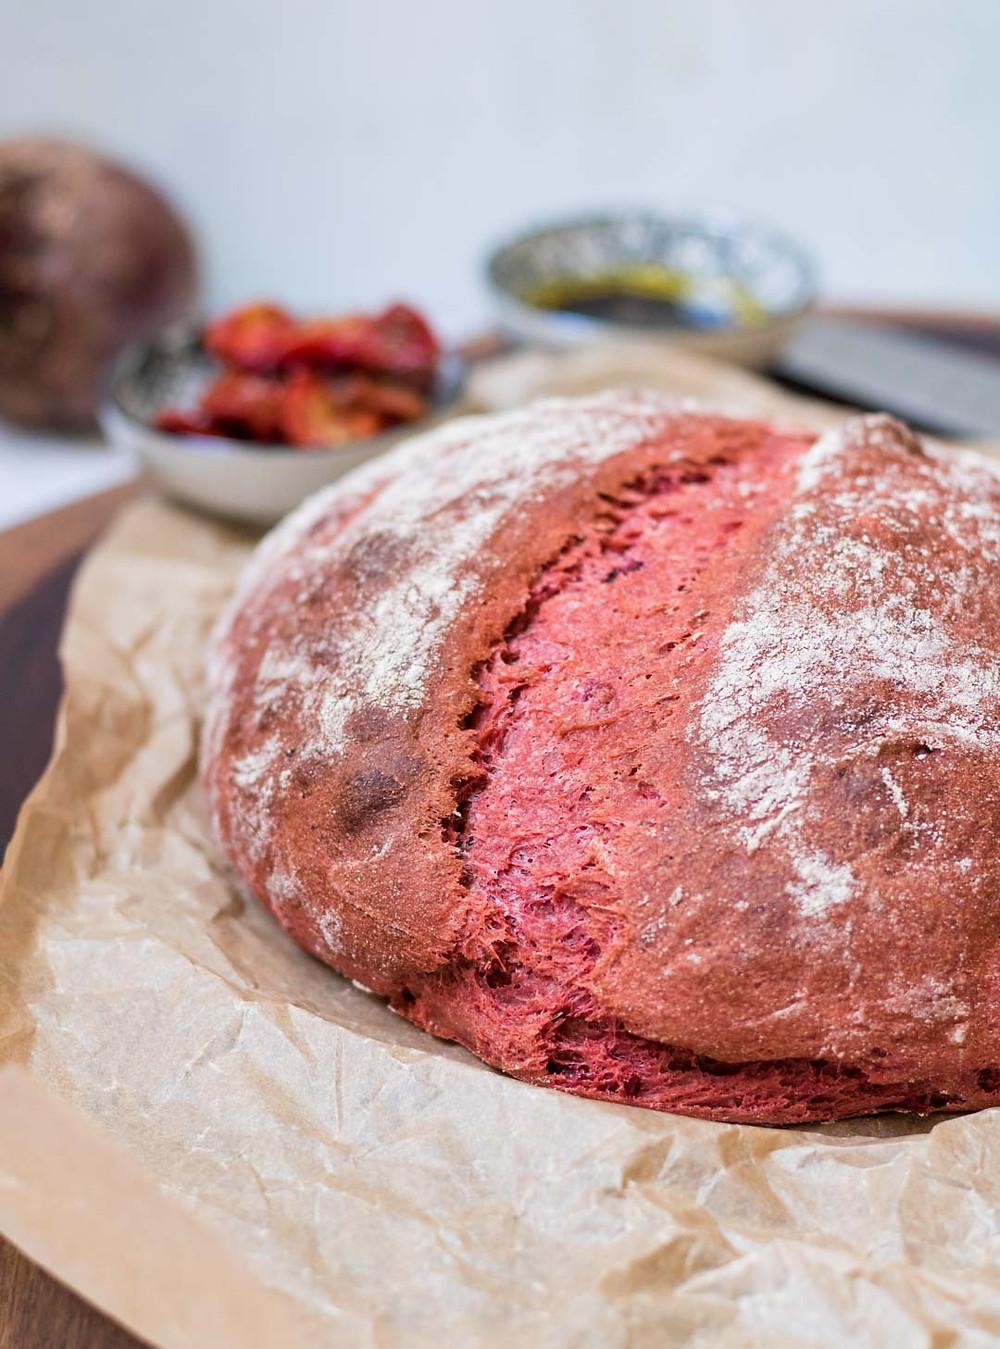 לחם כוסמין מלא ביתי מקמח מלא בתוספת סלק